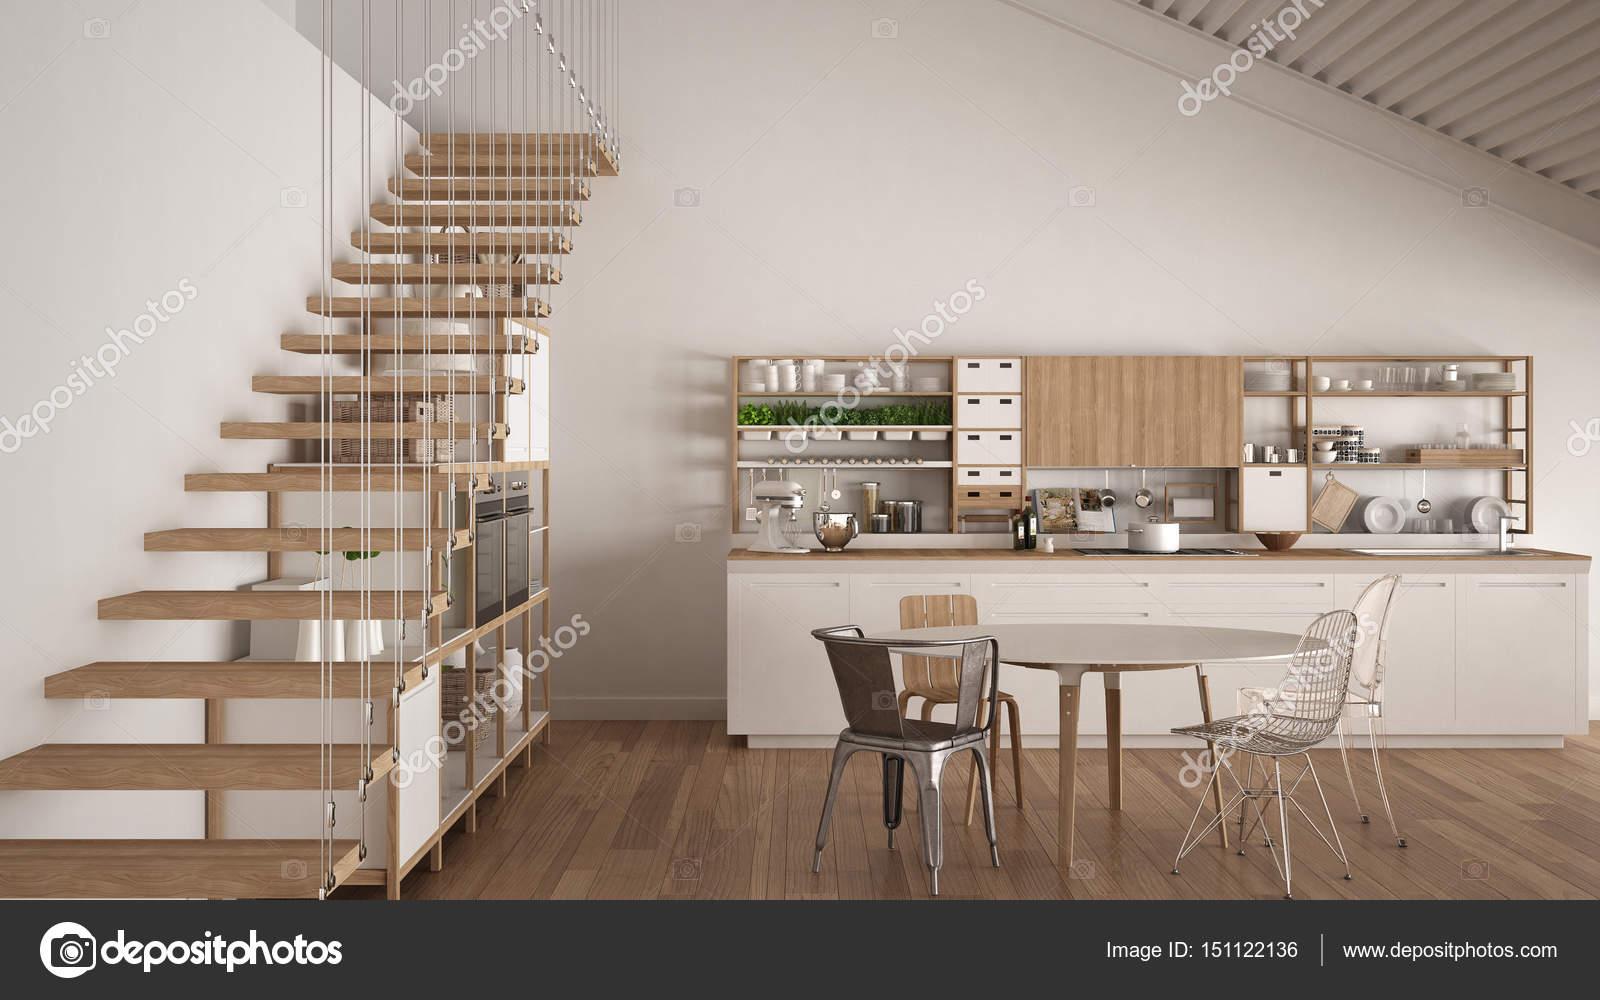 Minimalistische witte houten keuken loft met trappen klassieke